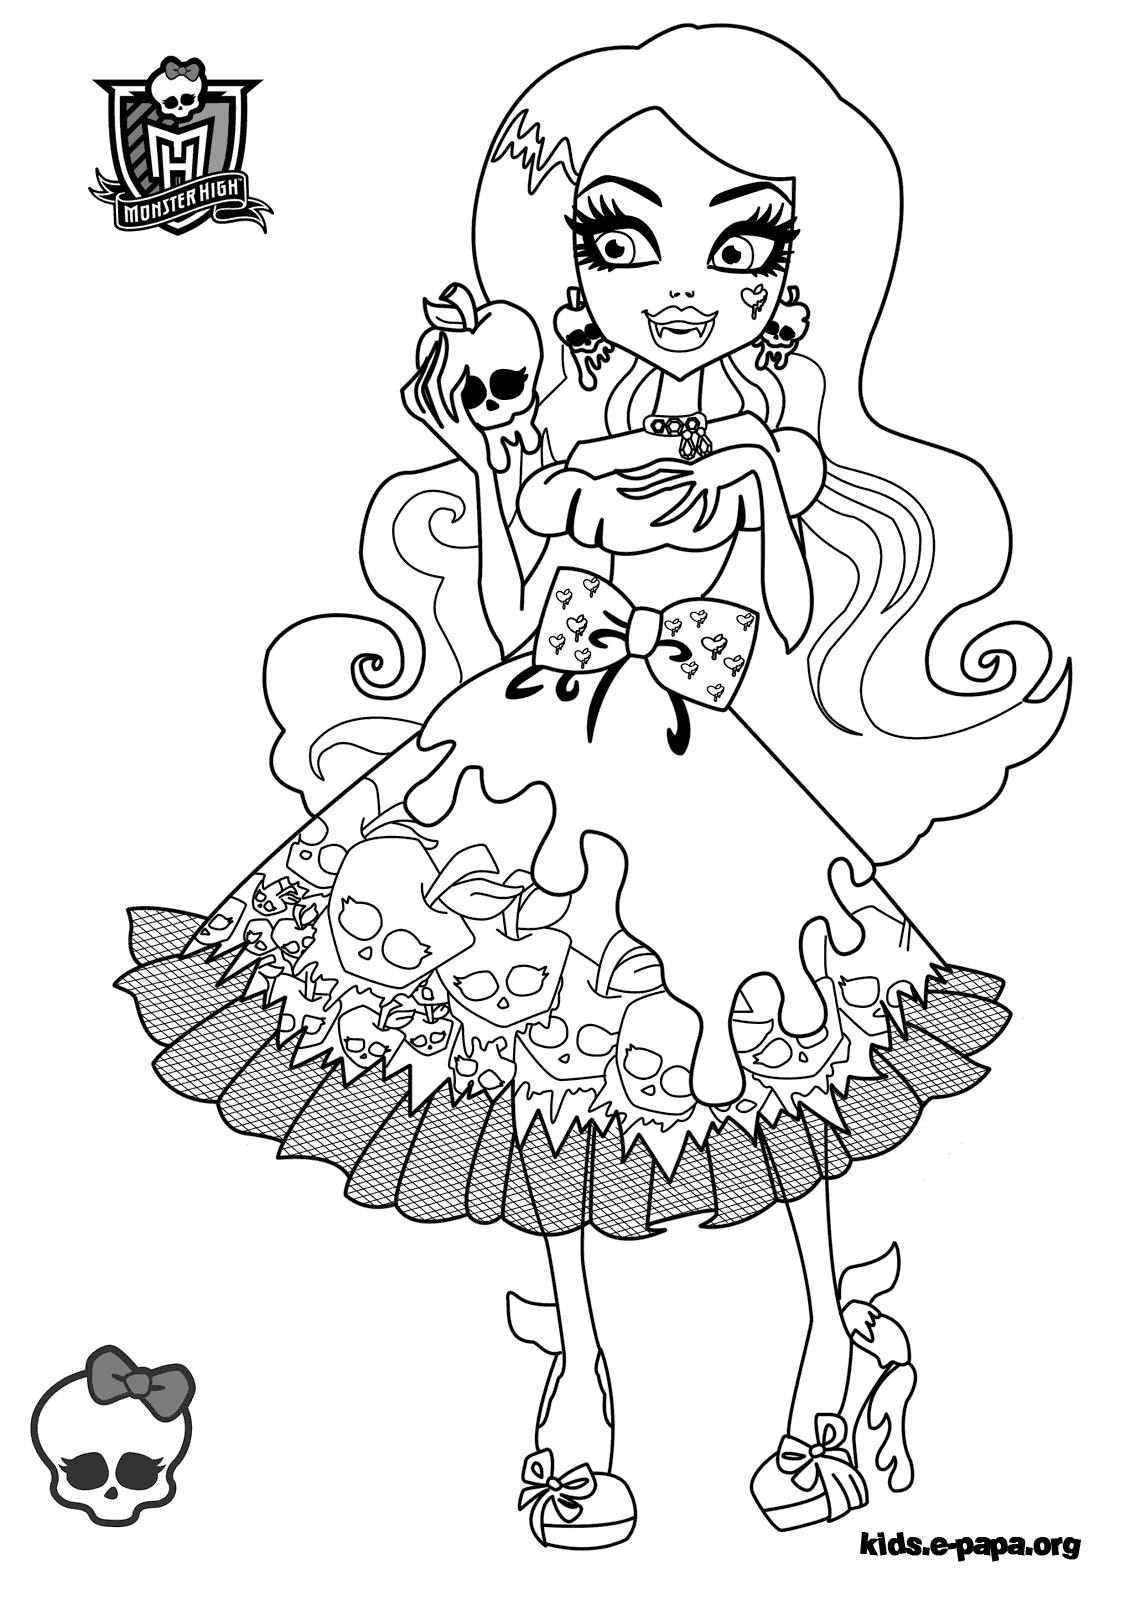 Ausmalbilder Monster High Frankie Stein Frisch 40 Ausmalbilder Monster High Frankie Stein Scoredatscore Bilder